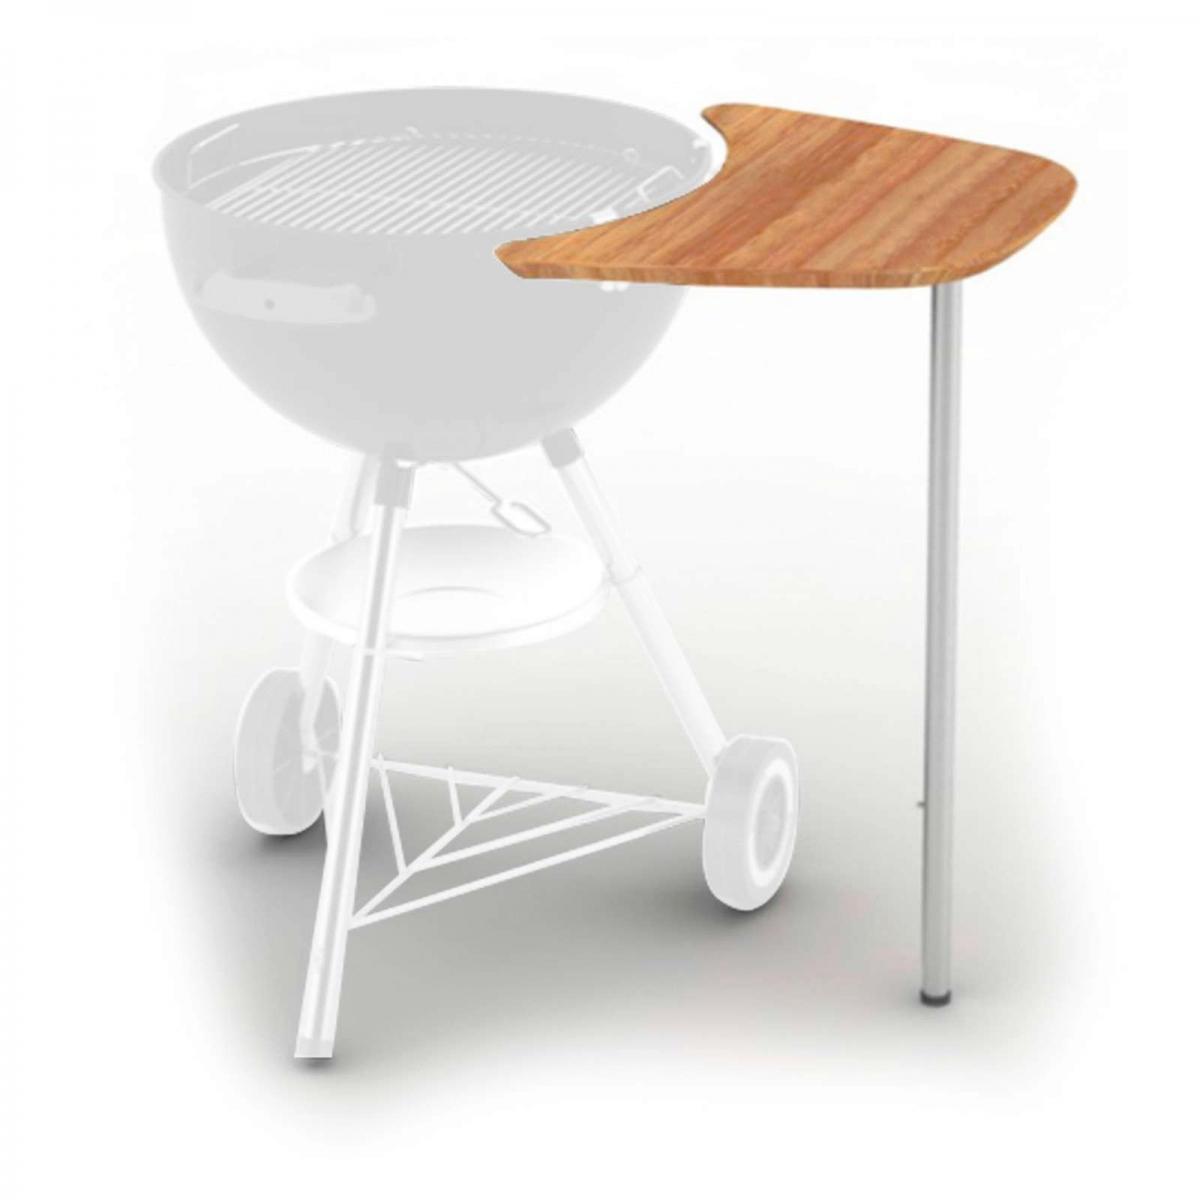 il tavolo laterale per i barbecue a carbone weber permette di cucinare a mani libere